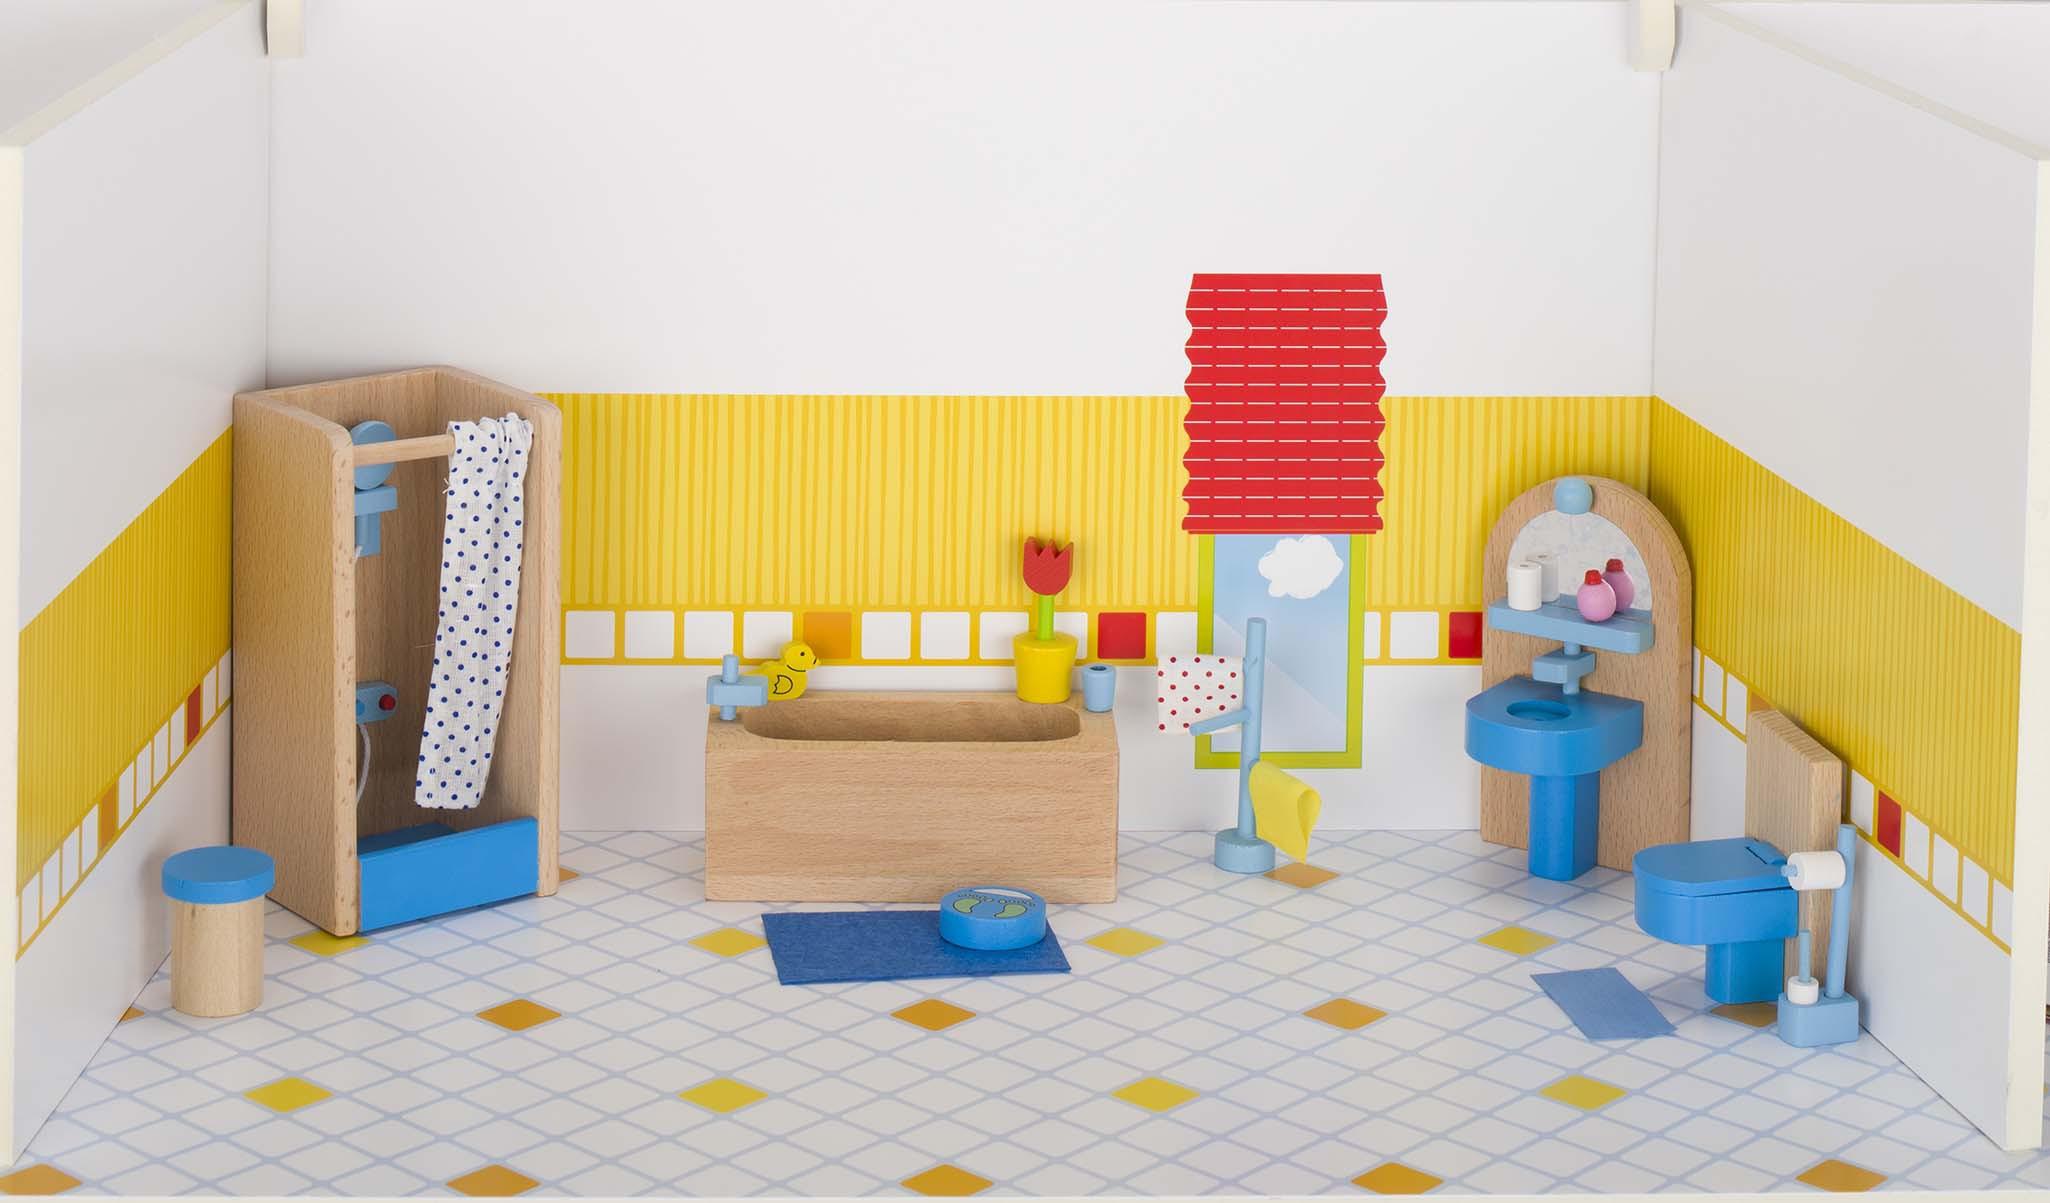 puppenhaus badezimmer | jtleigh - hausgestaltung ideen, Badezimmer ideen